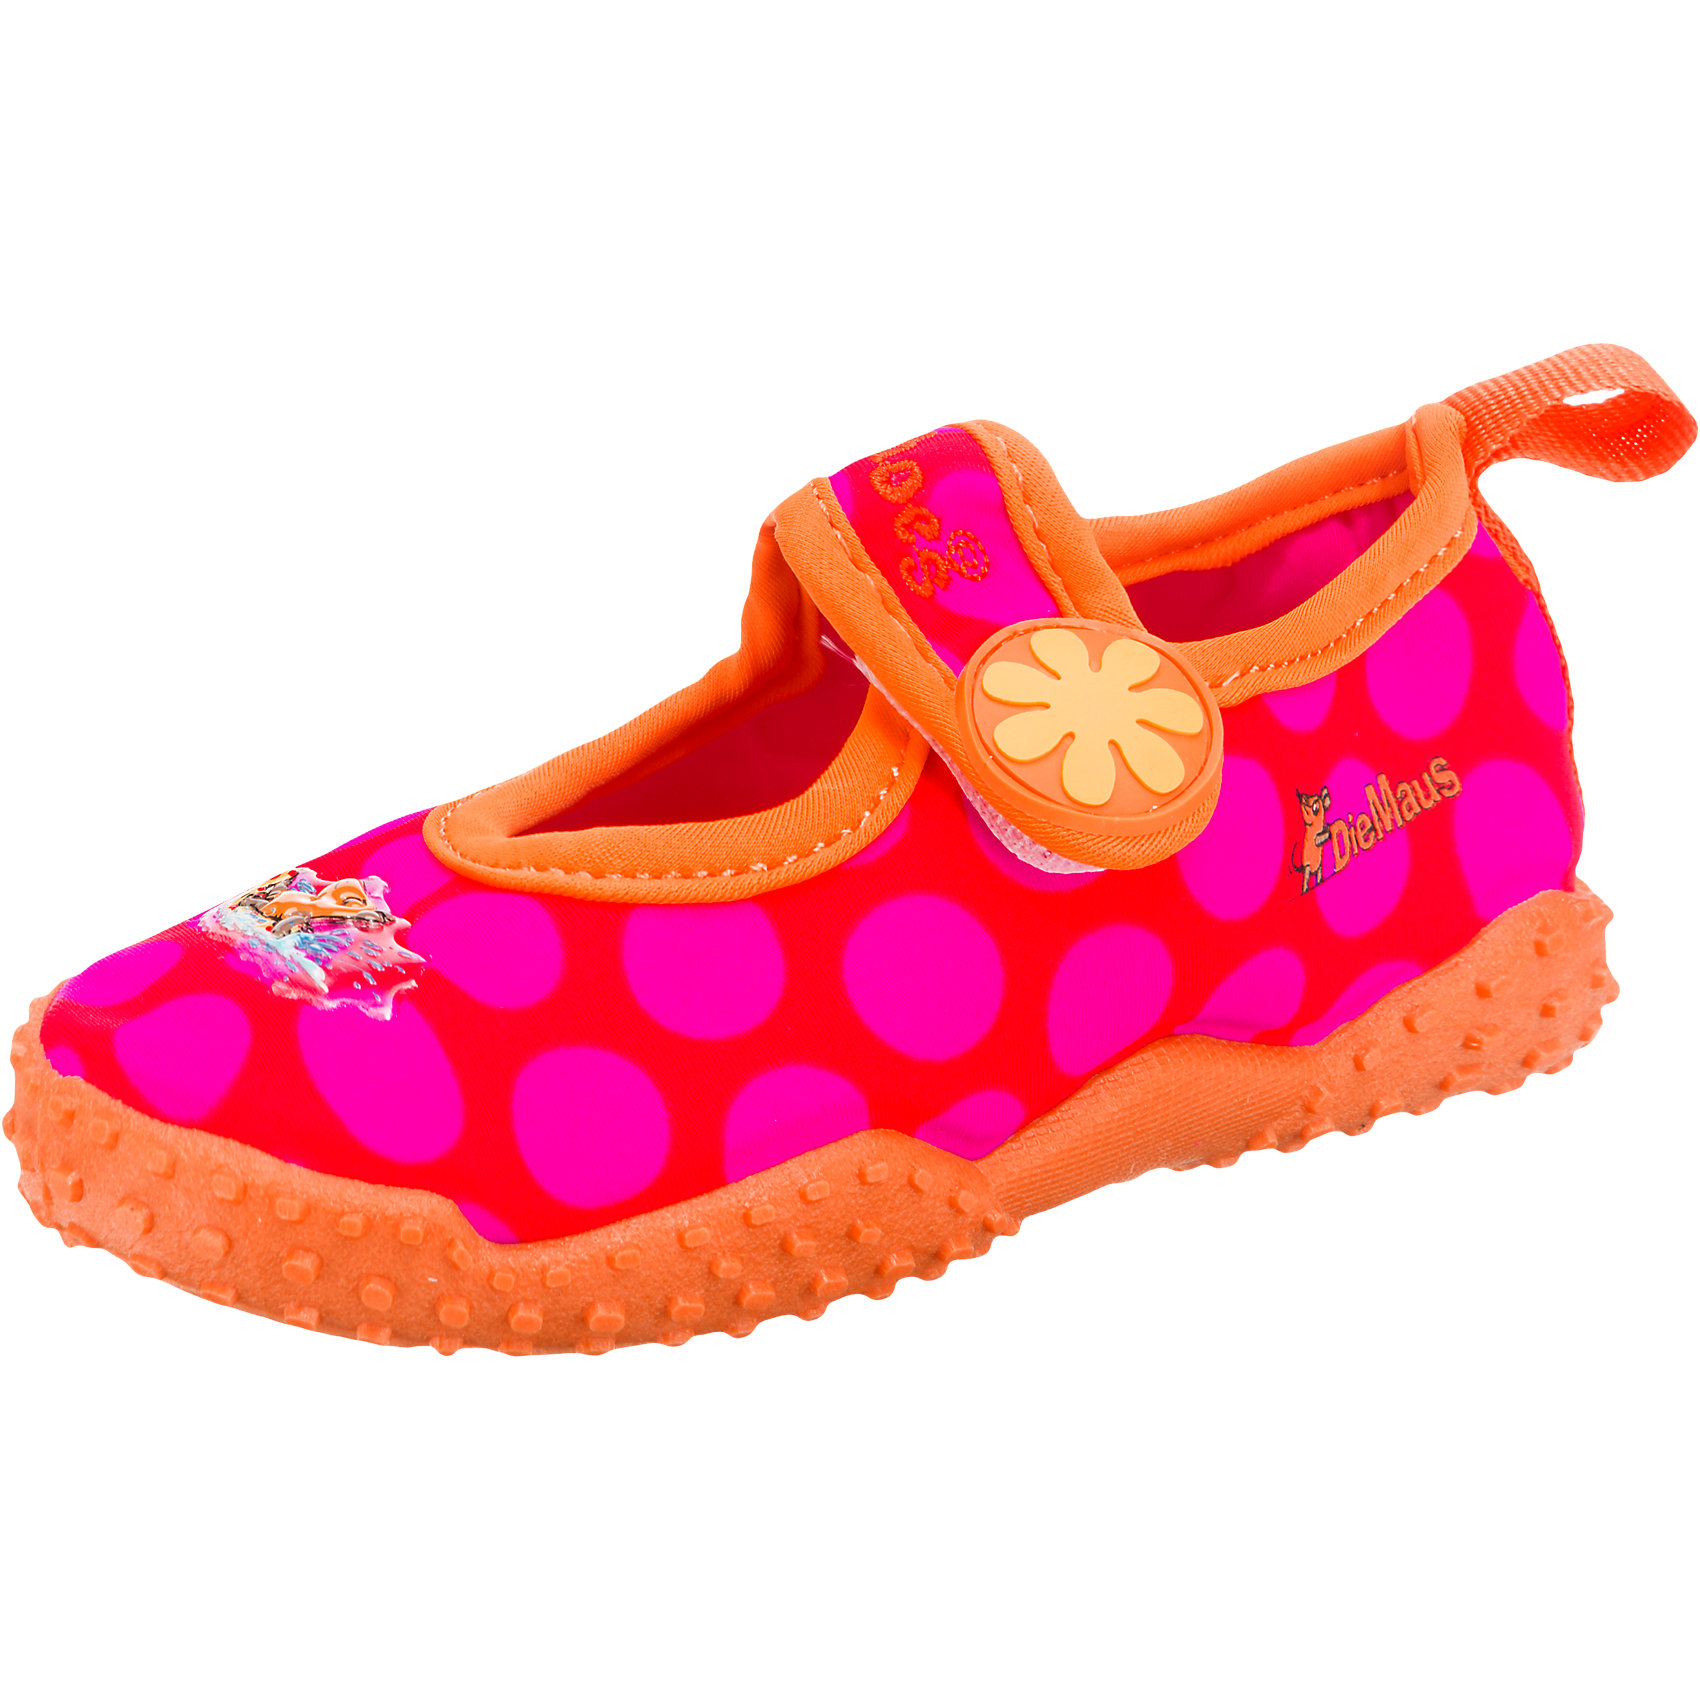 Neu-Playshoes-Baby-Aquaschuhe-mit-UV-Schutz-DIE-MAUS-fuer-Maedchen-6018551